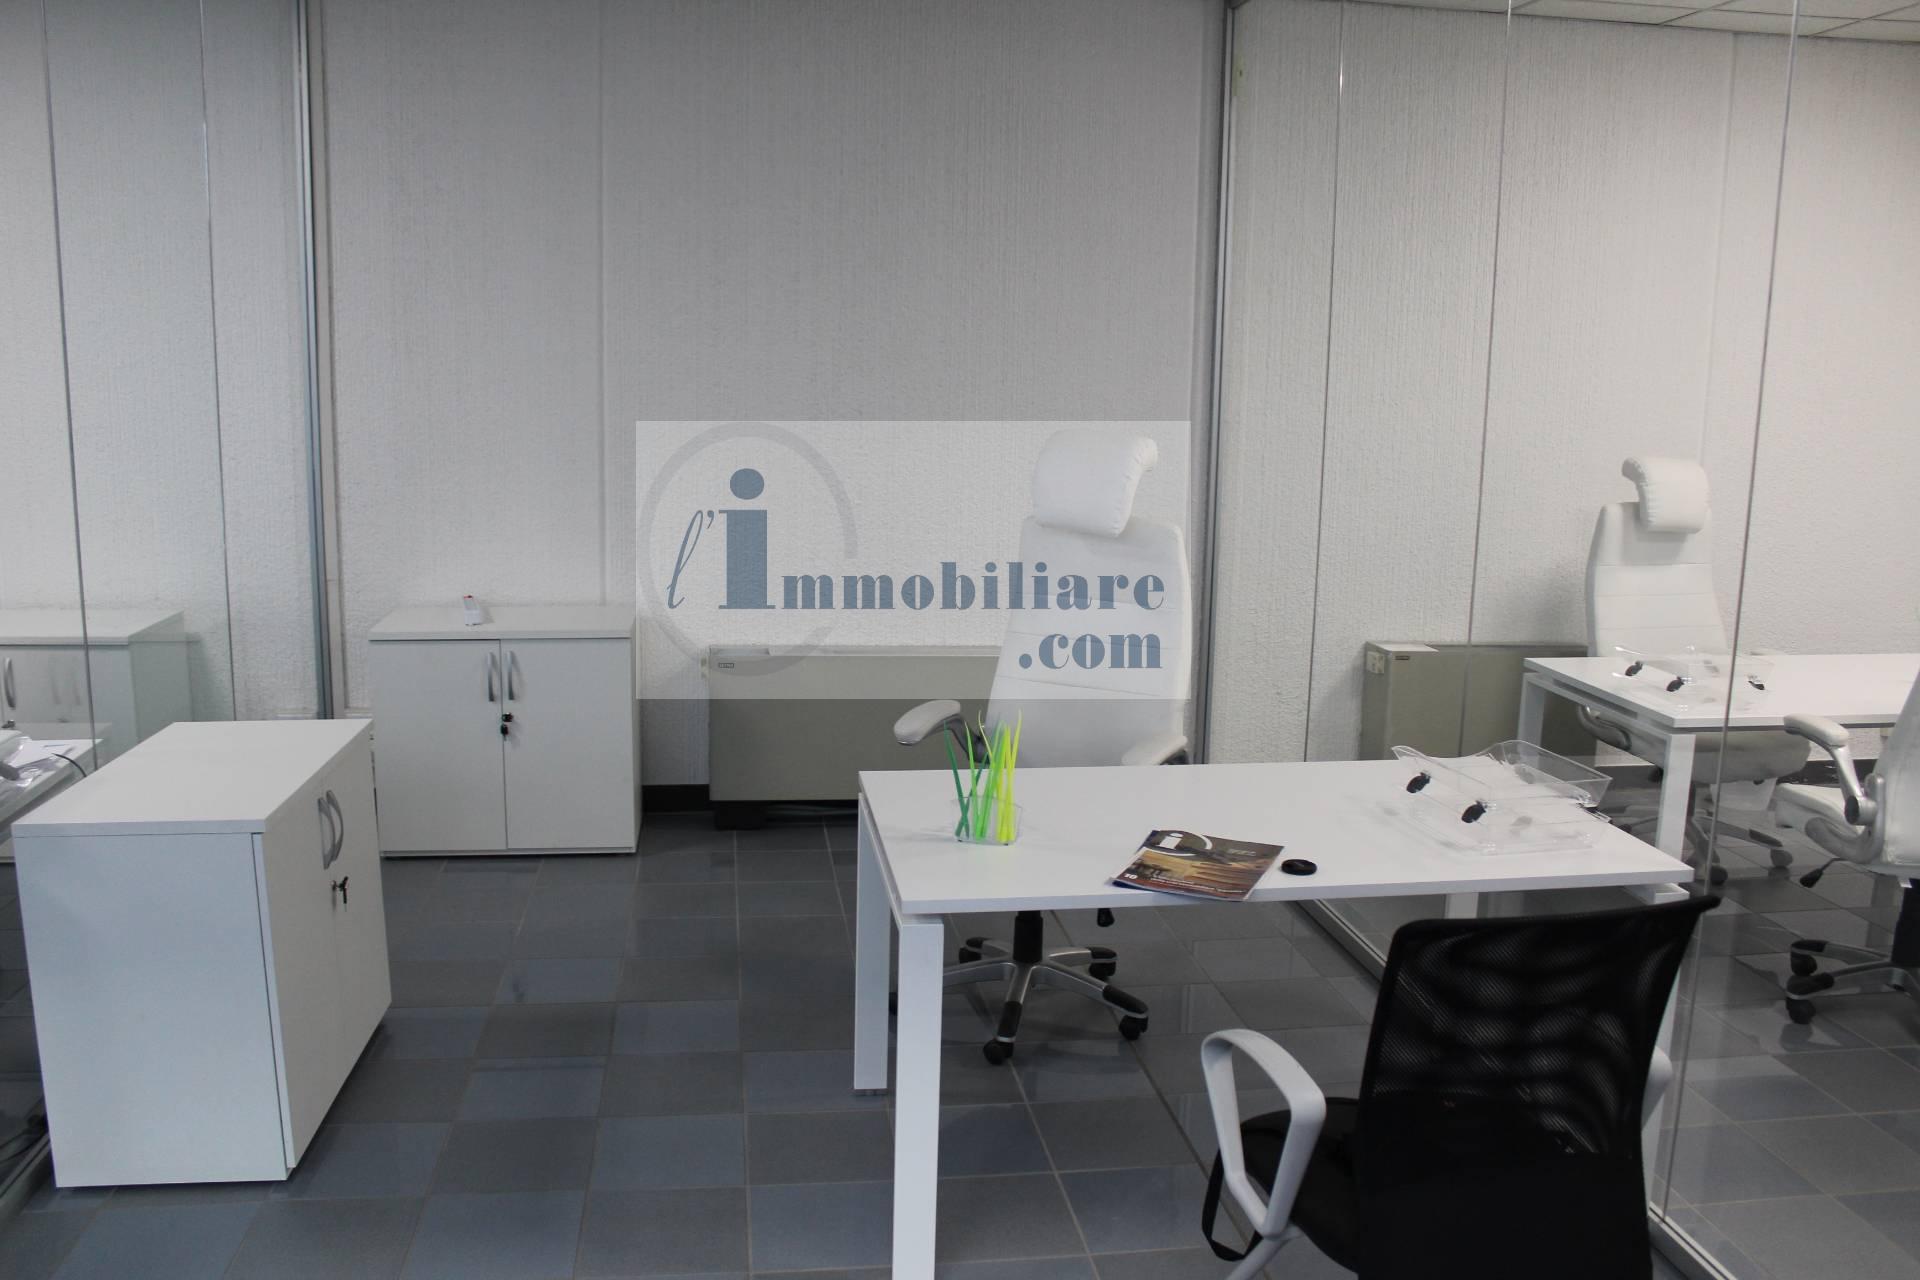 Ufficio / Studio in affitto a Bolzano, 9999 locali, zona Zona: Periferia, prezzo € 500 | CambioCasa.it